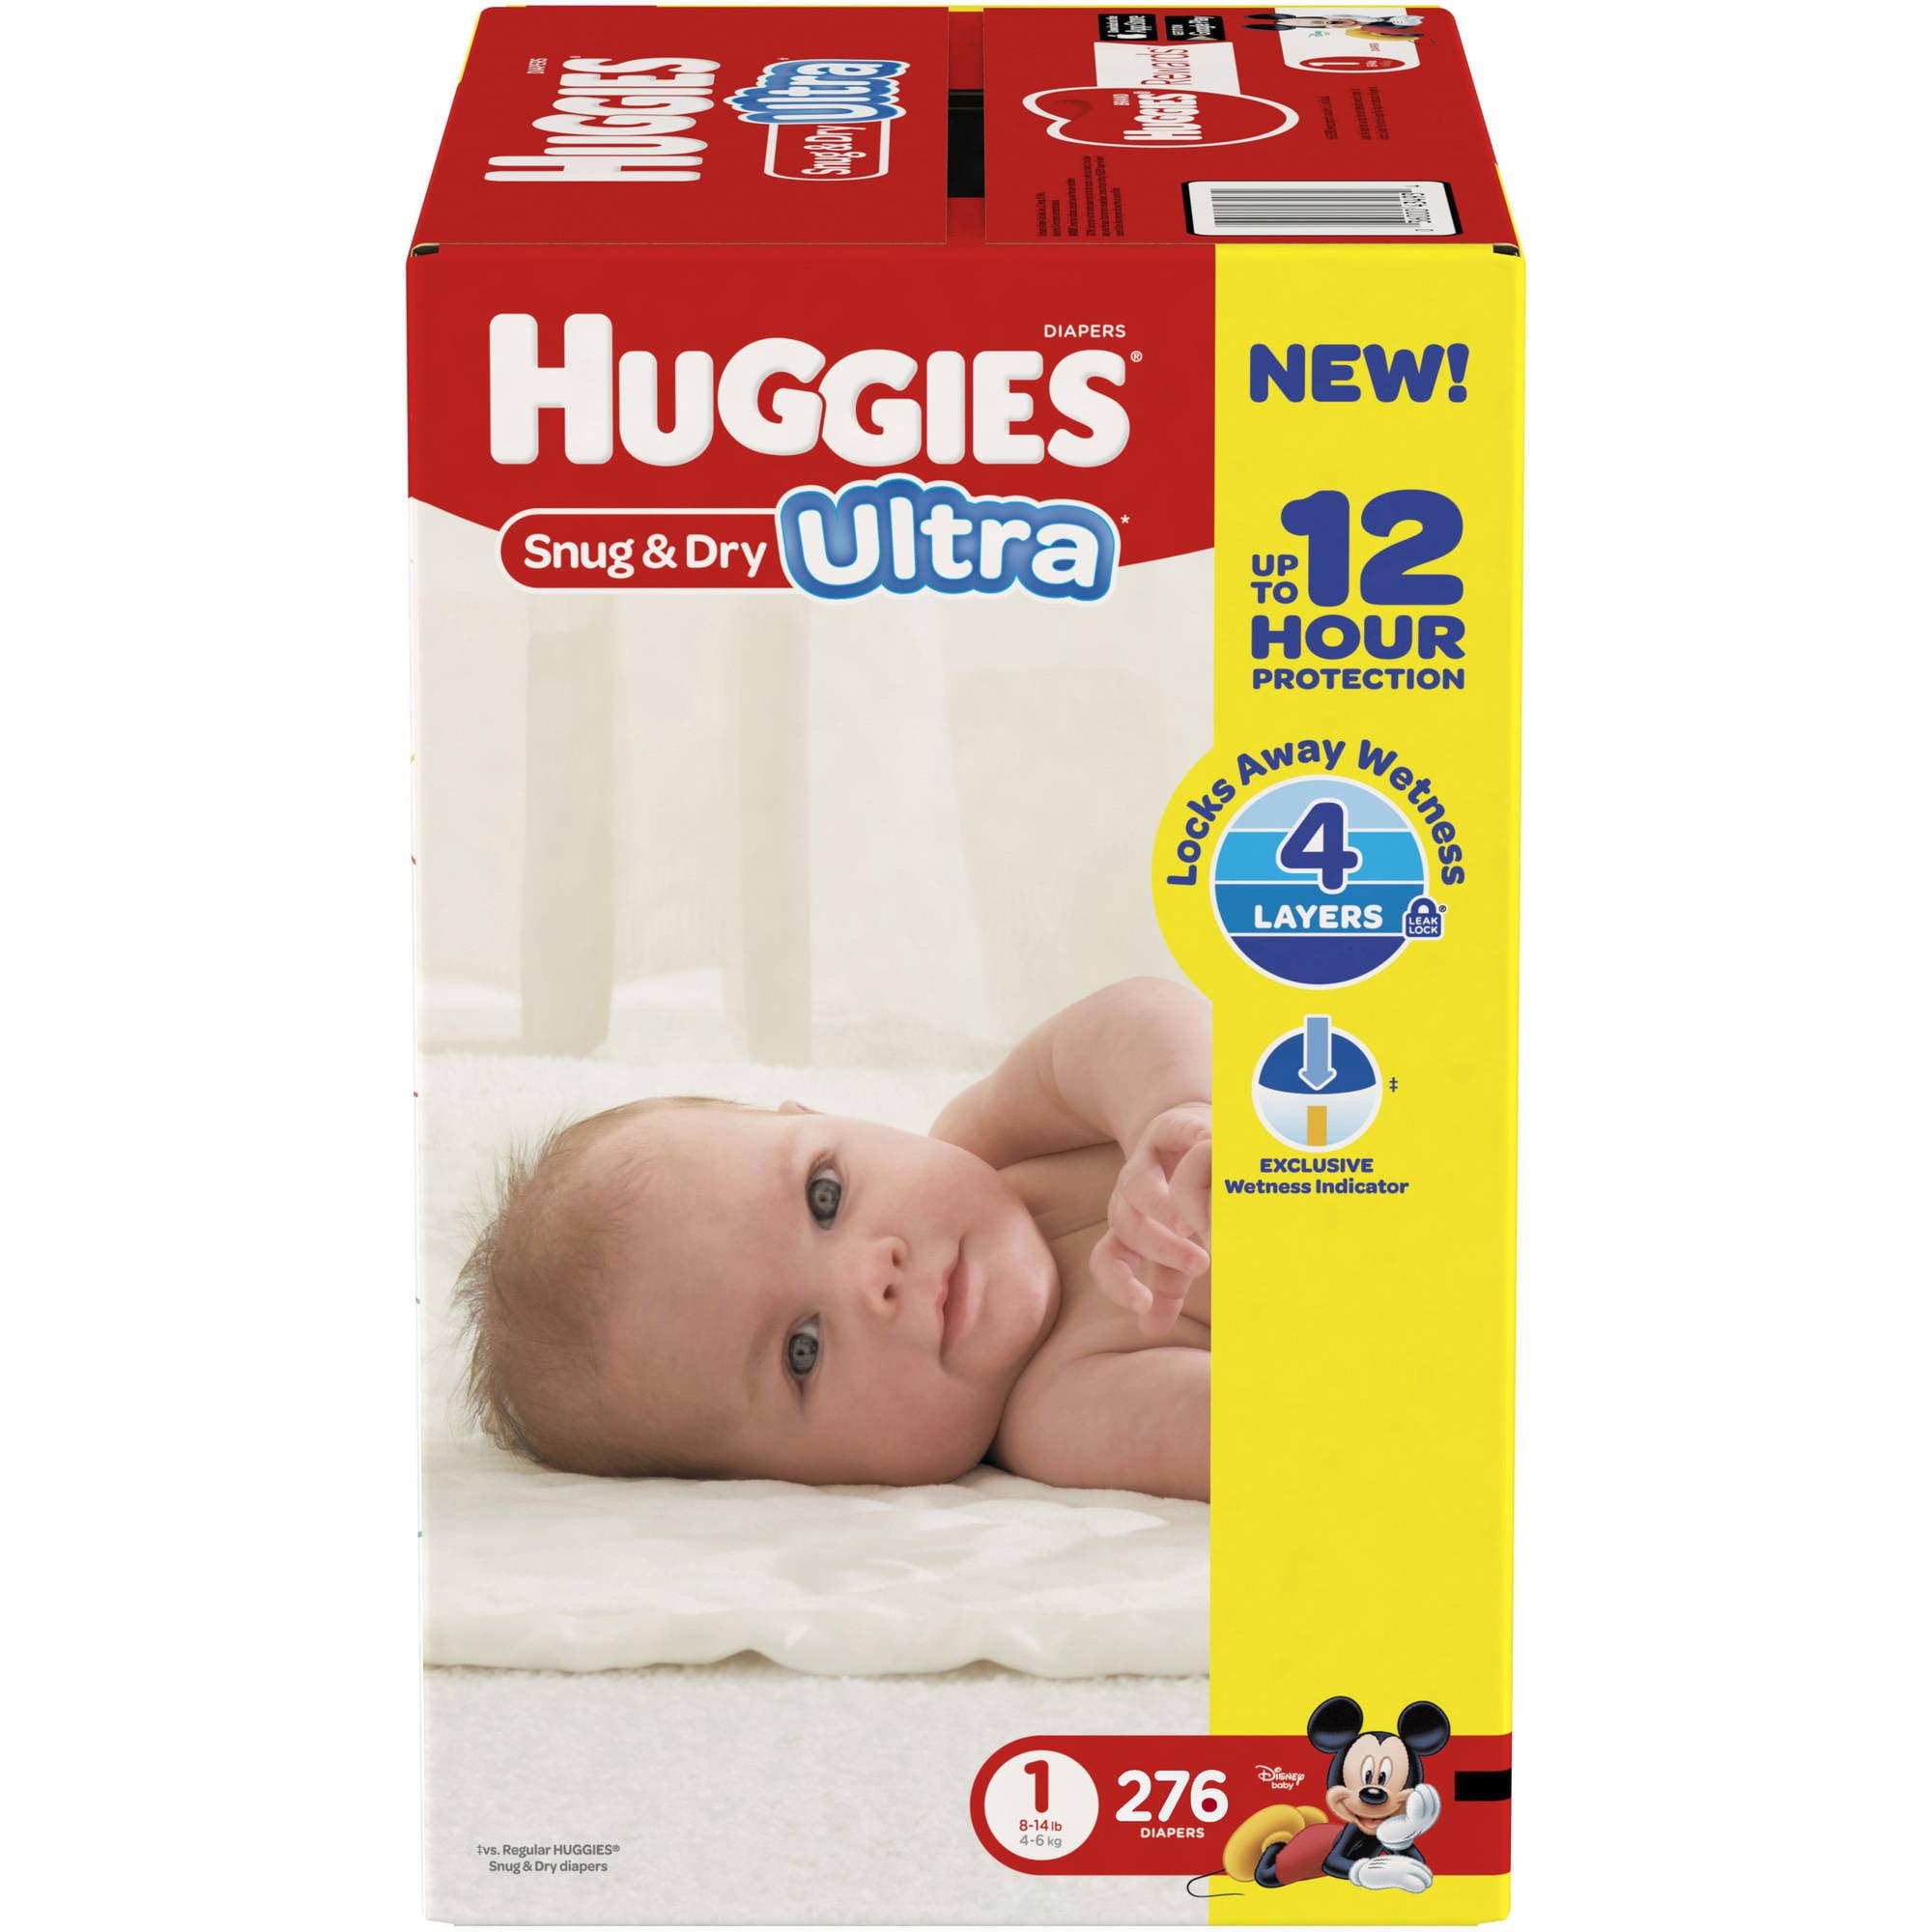 HUGGIES Snug & Dry Ultra Diapers, Size 1 (Choose Diaper Count ...